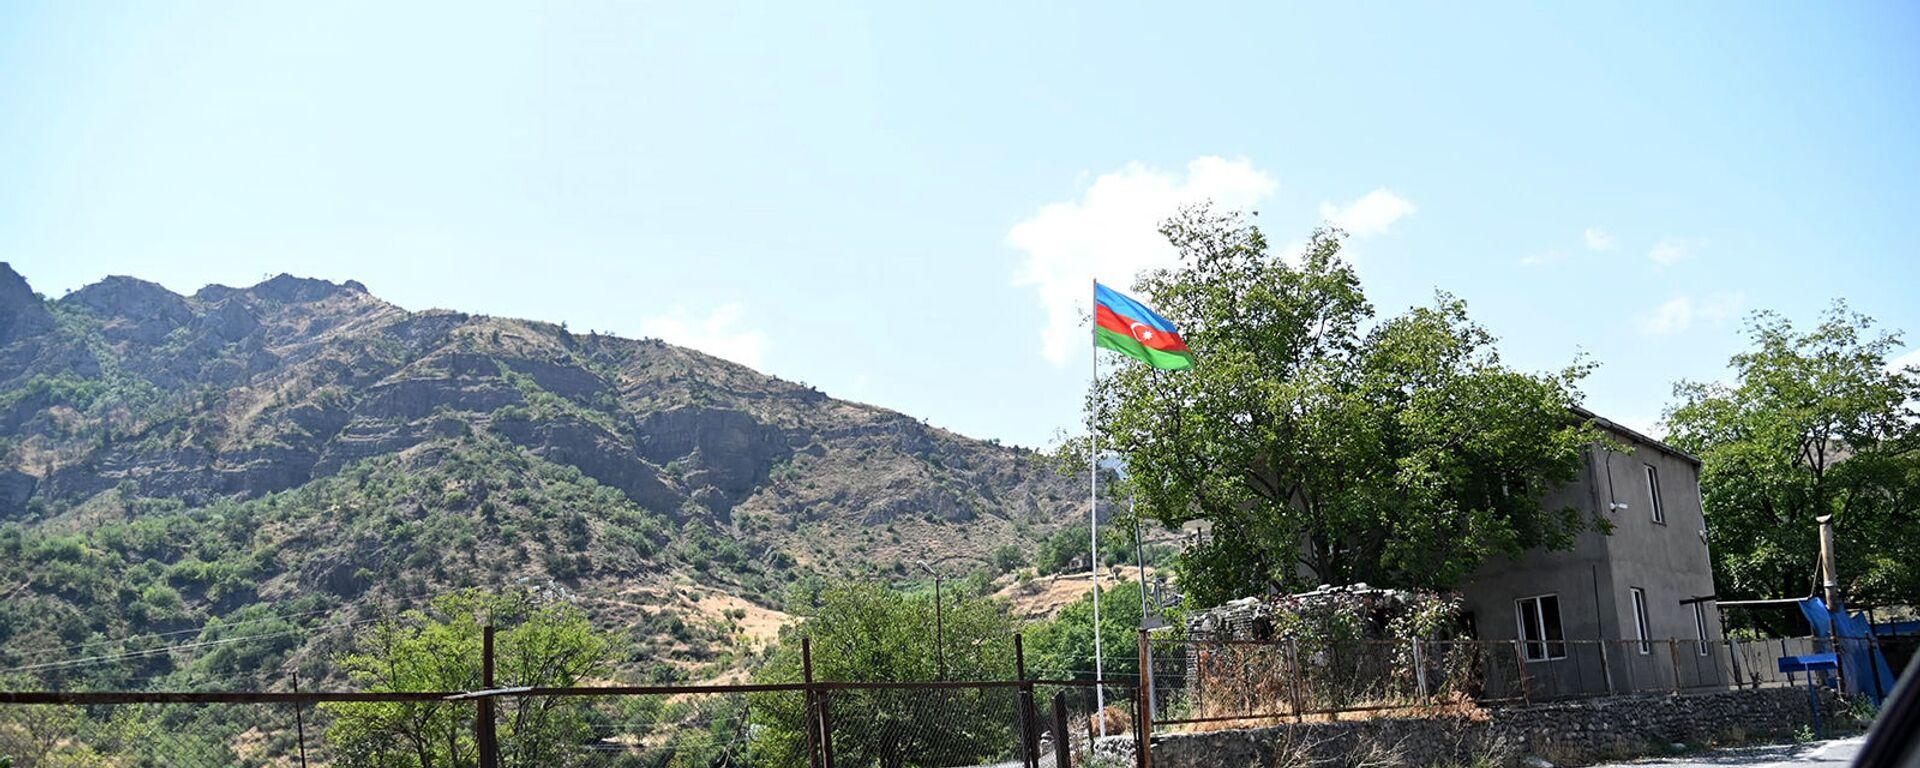 ВС Азербайджана закрыли дорогу, ведущую из Гориса в Воротан в Сюникской области РА - Sputnik Армения, 1920, 13.09.2021